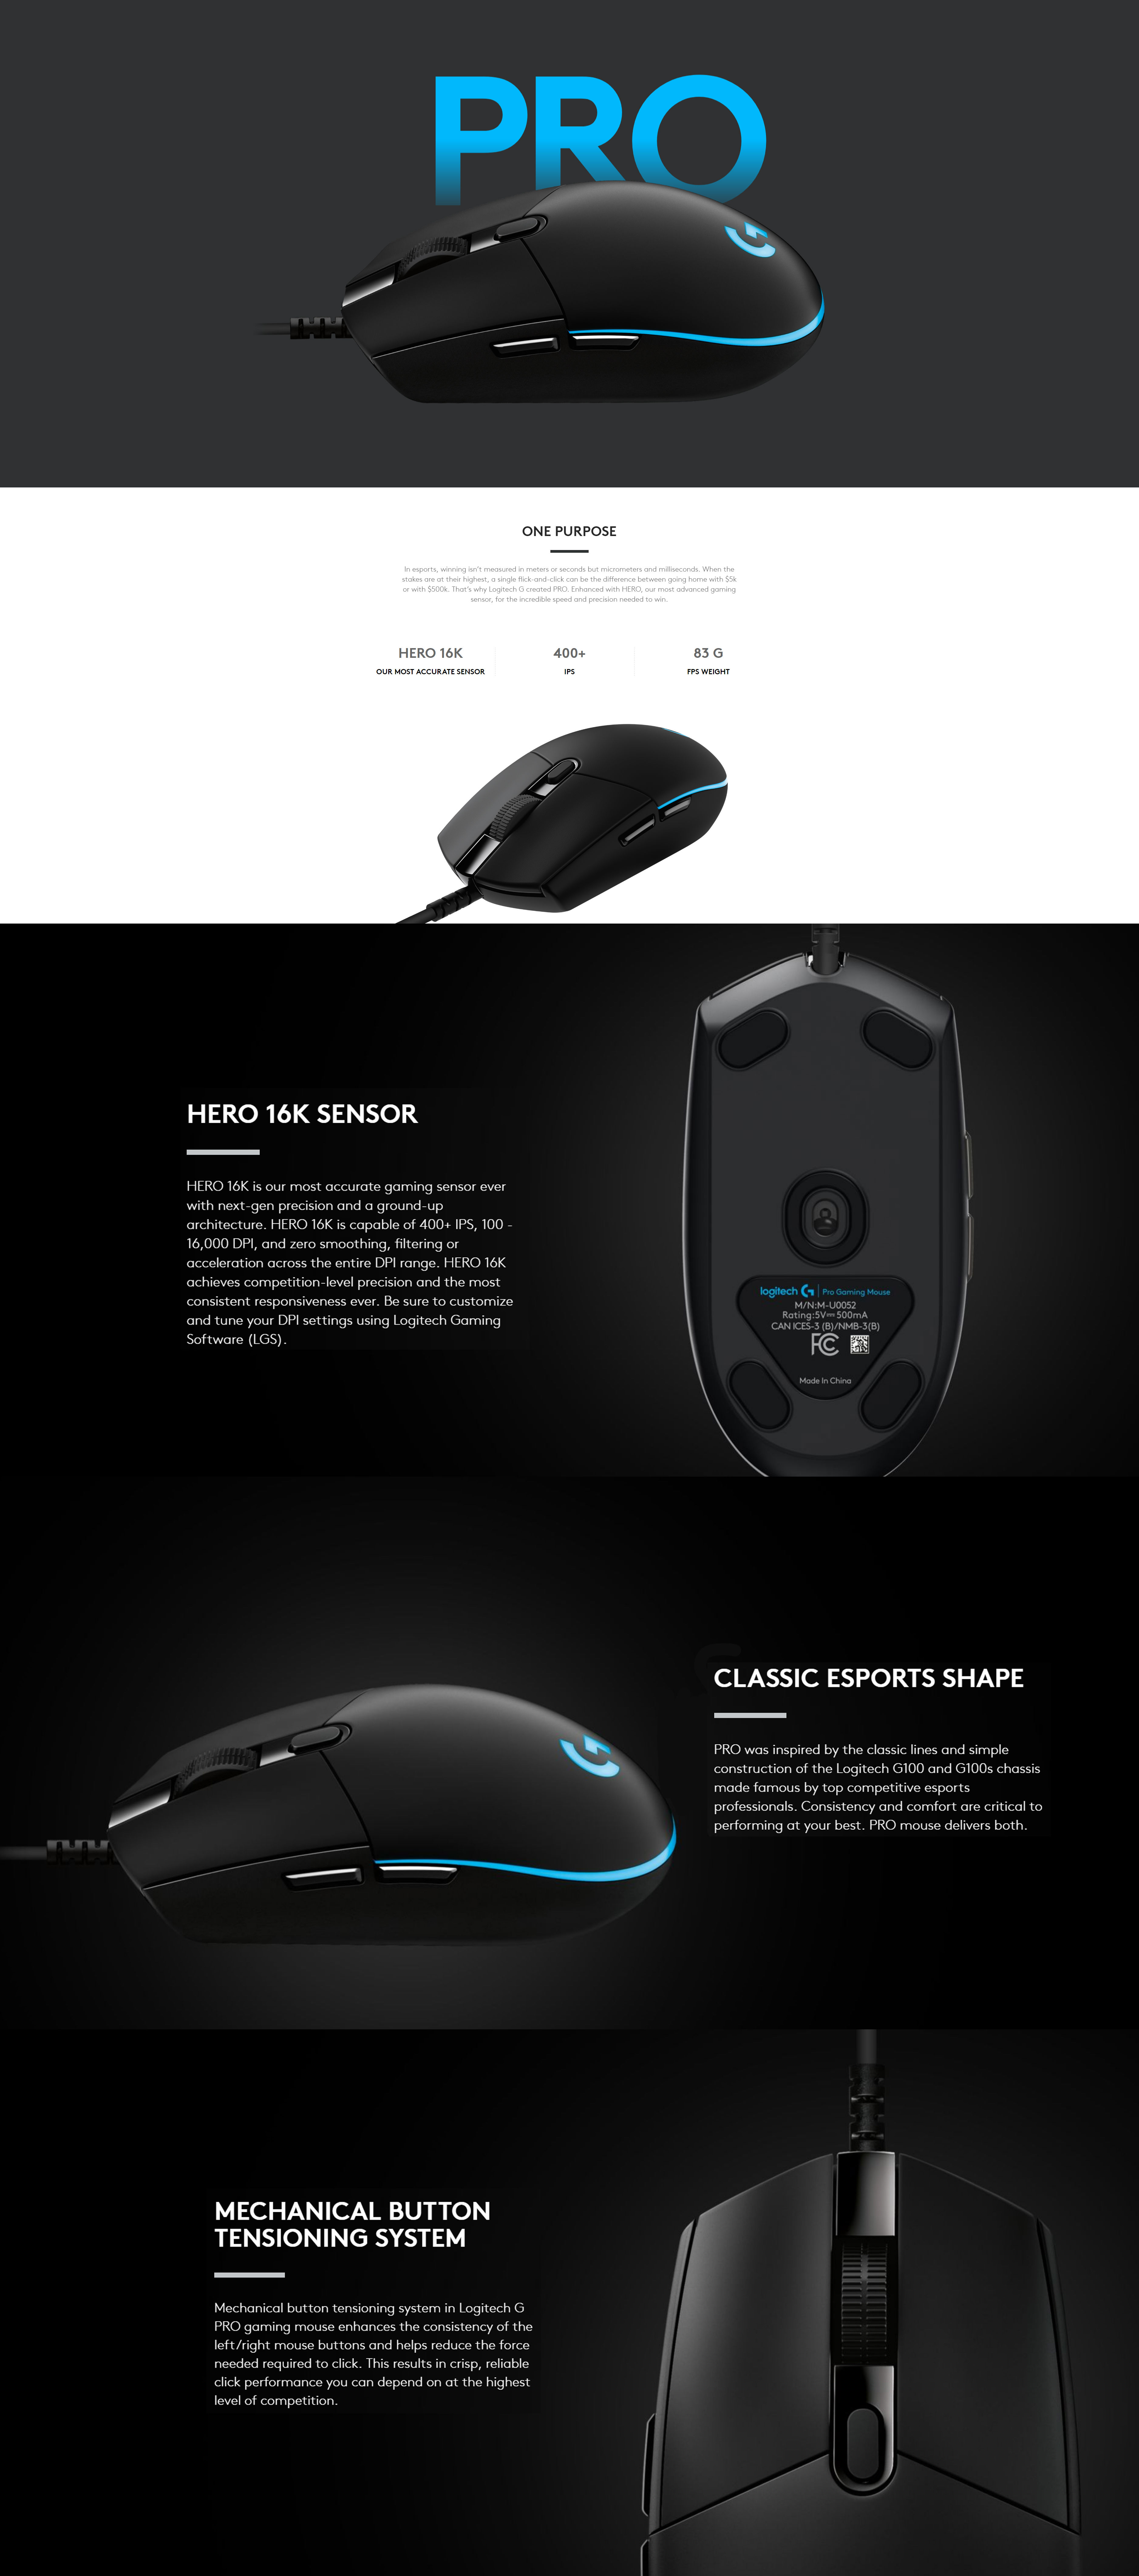 5a2c1777ab1 Logitech G Pro HERO RGB Optical Gaming Mouse - Umart.com.au